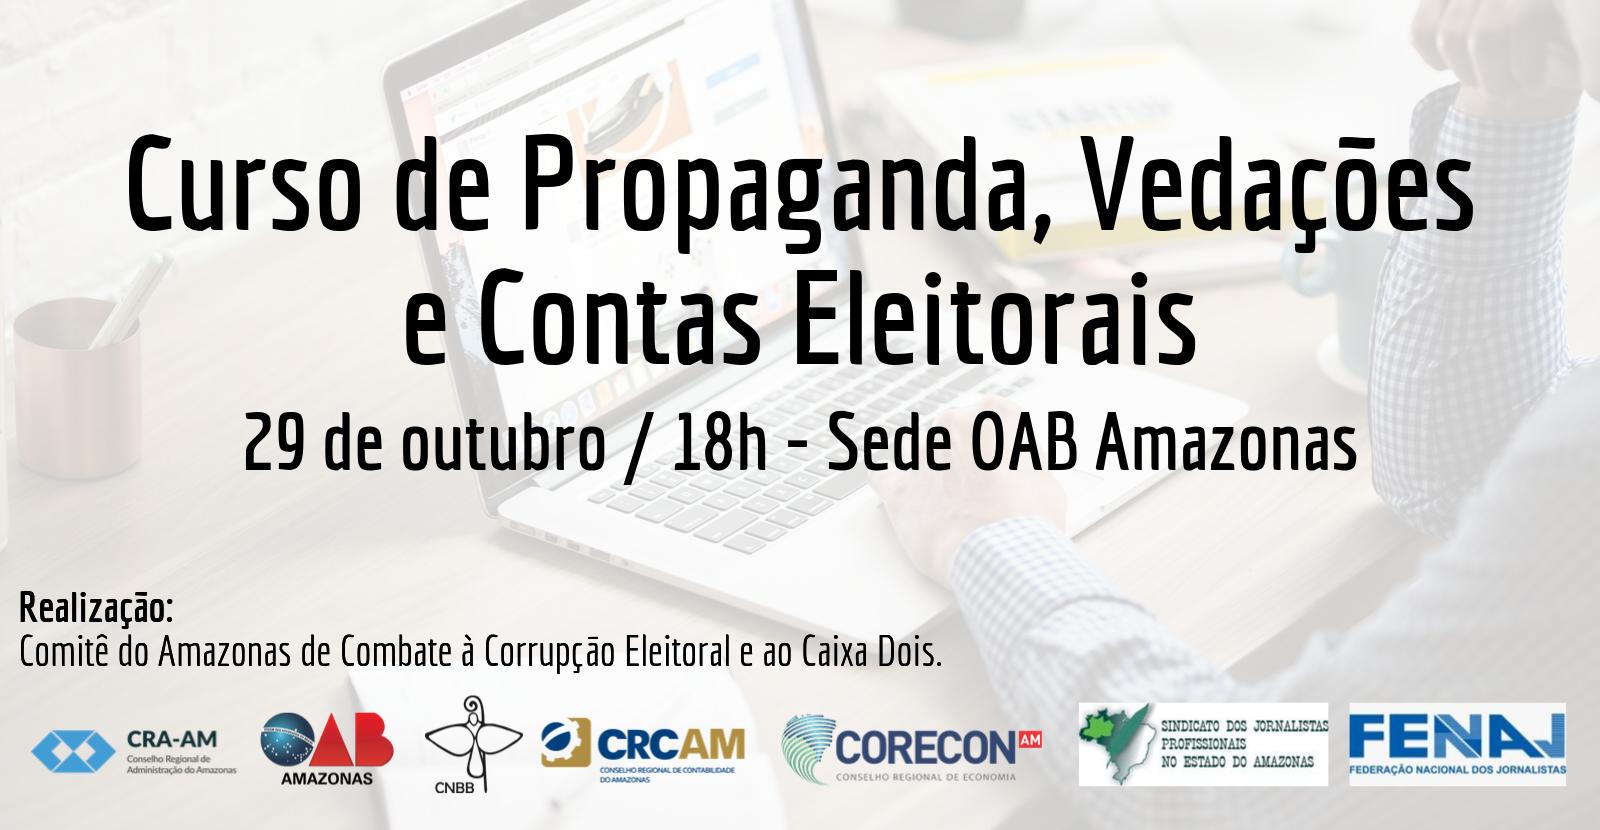 Curso de Propaganda, Vedações  e Contas Eleitorais